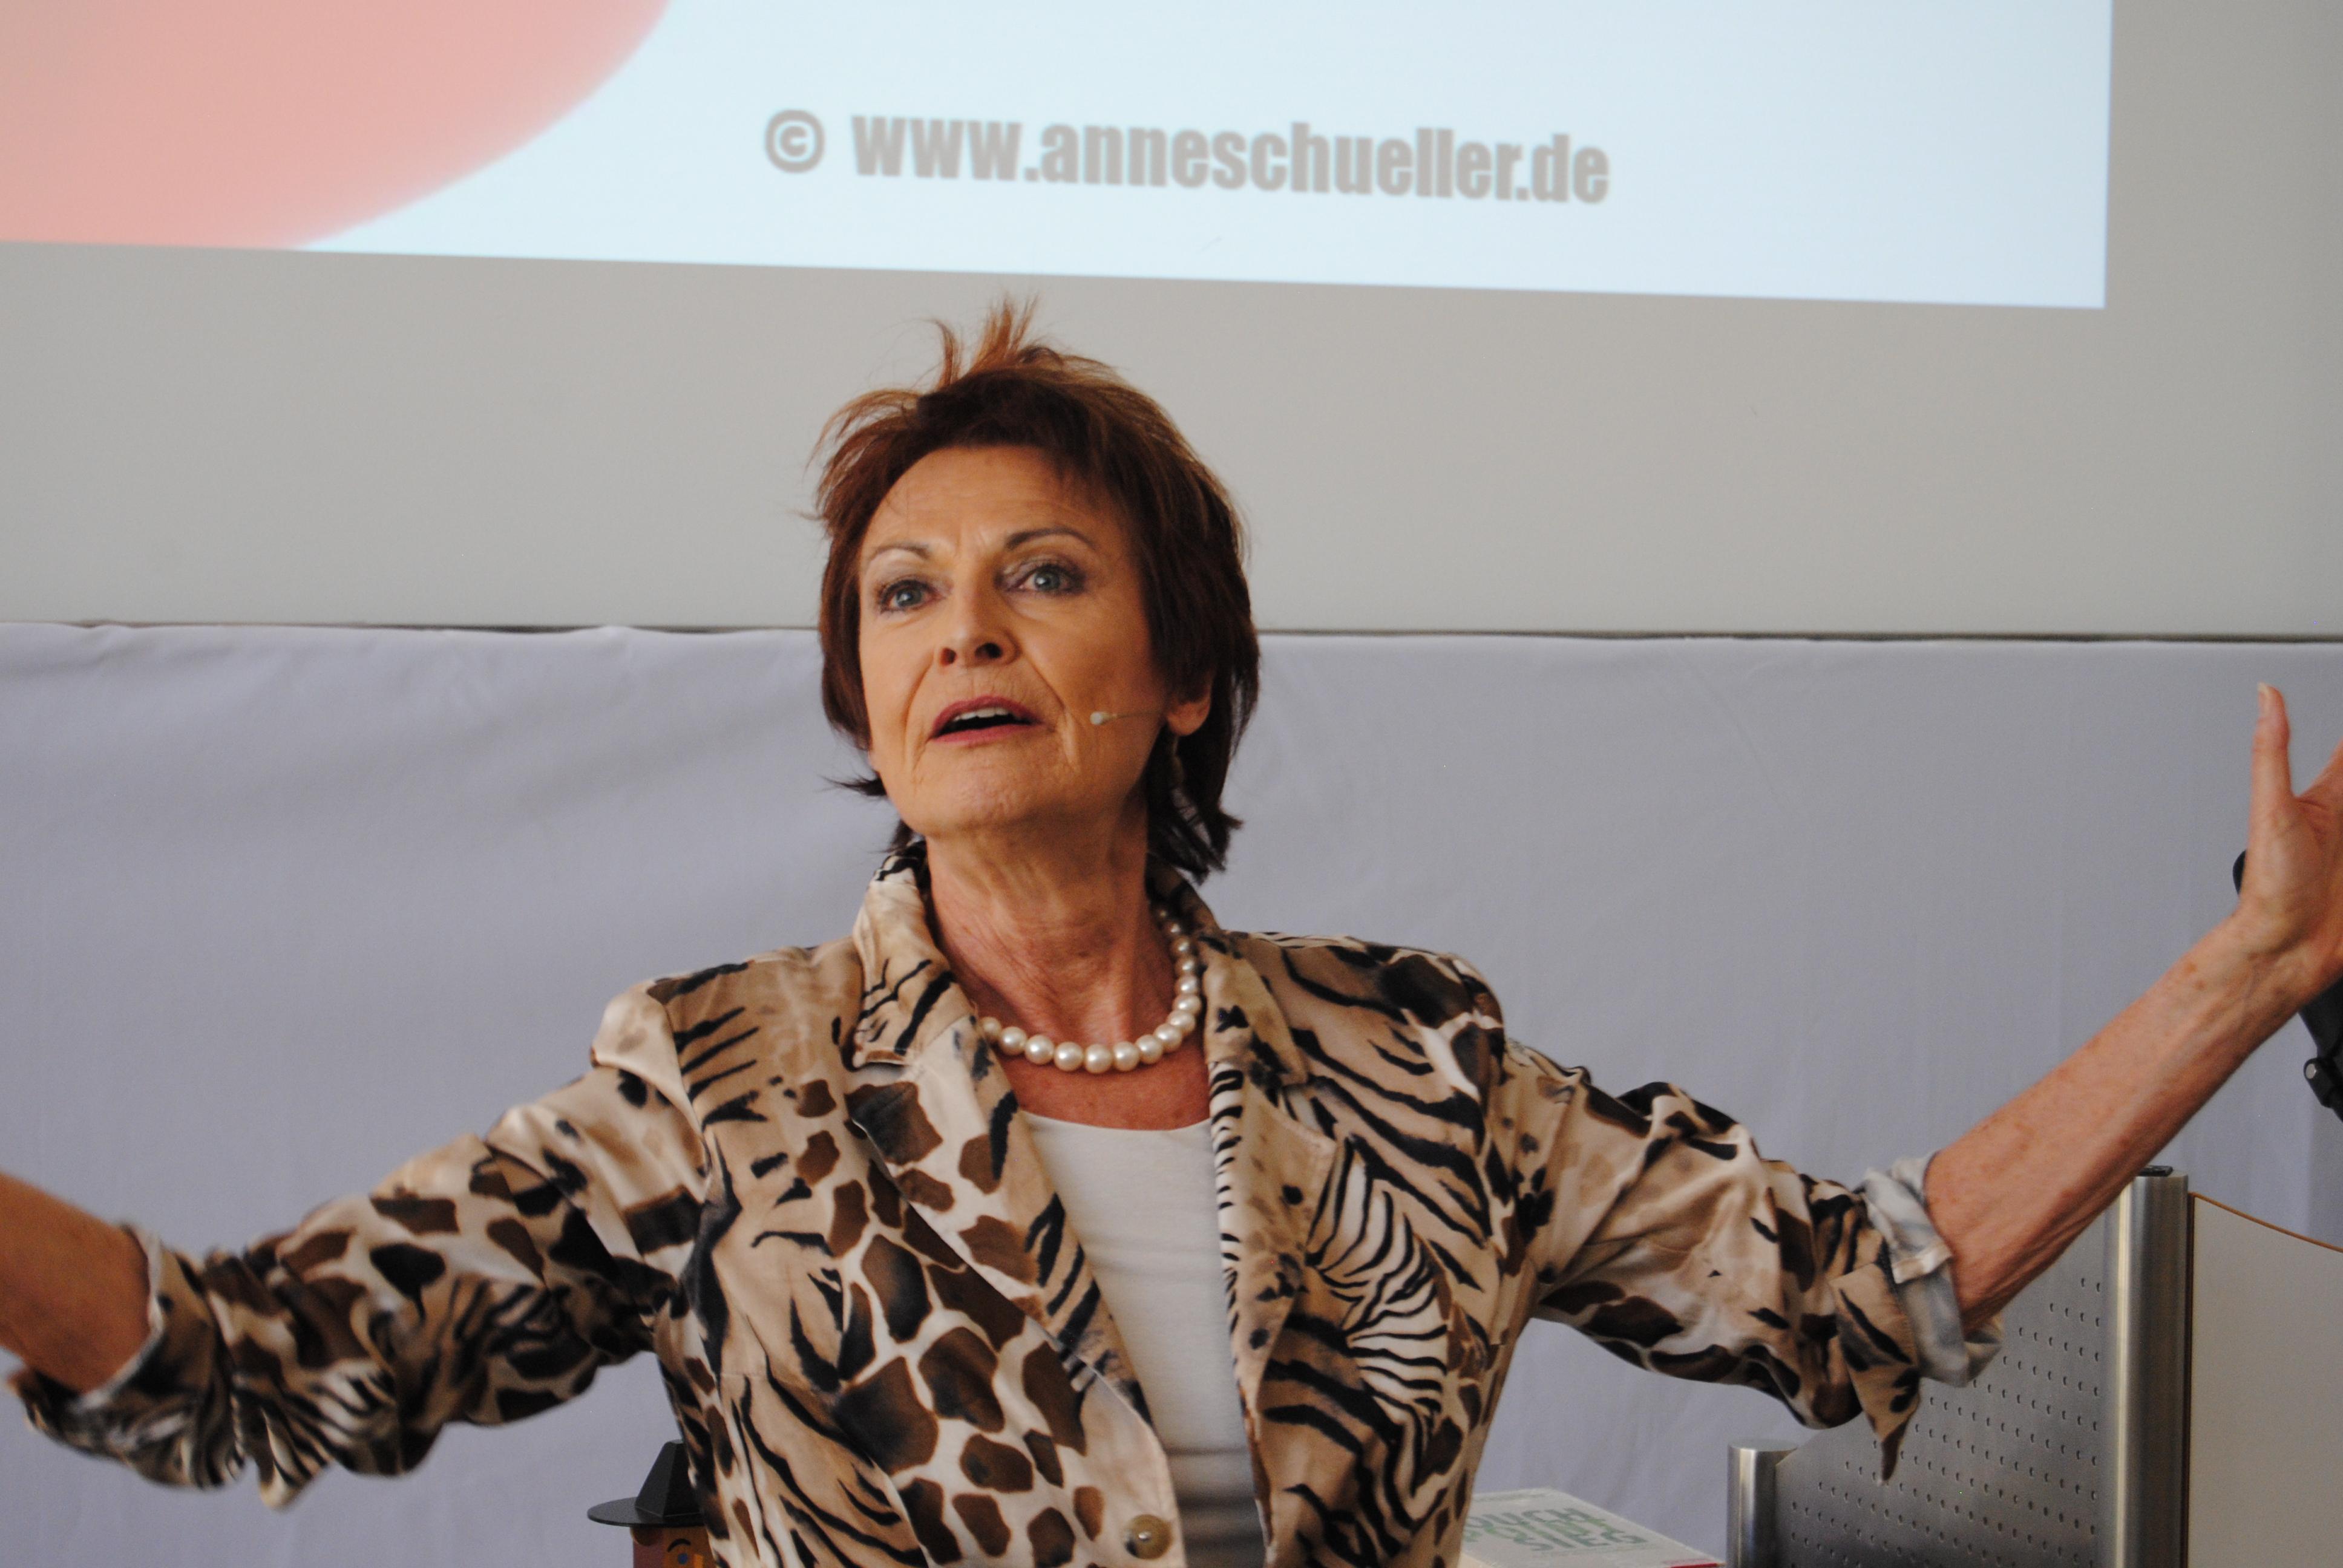 Erlus Forum, Anne M. Schüler, Empfehlungs-Marketing